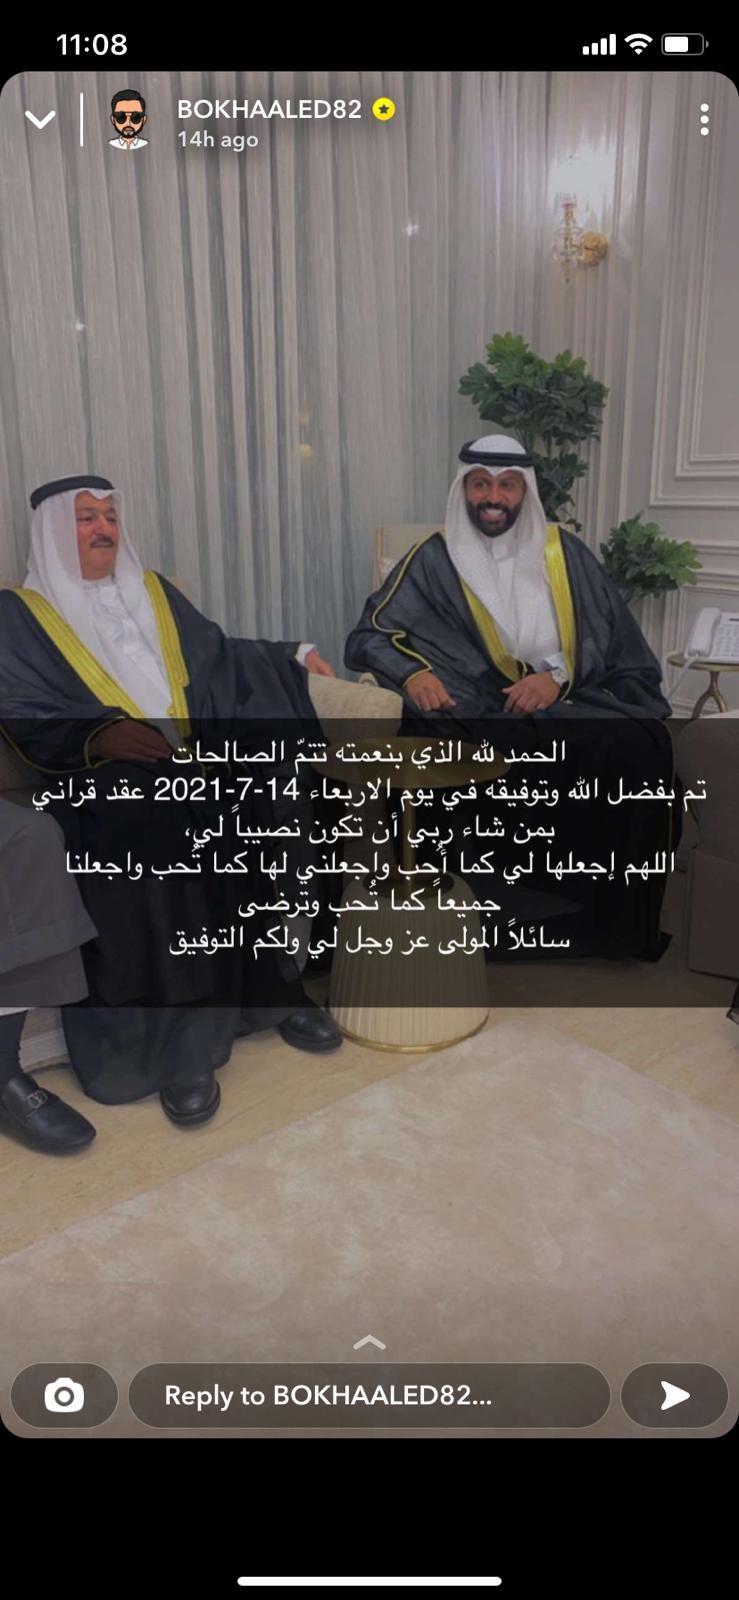 WhatsApp Image 2021-07-15 at 11.09.06 AM.jpeg